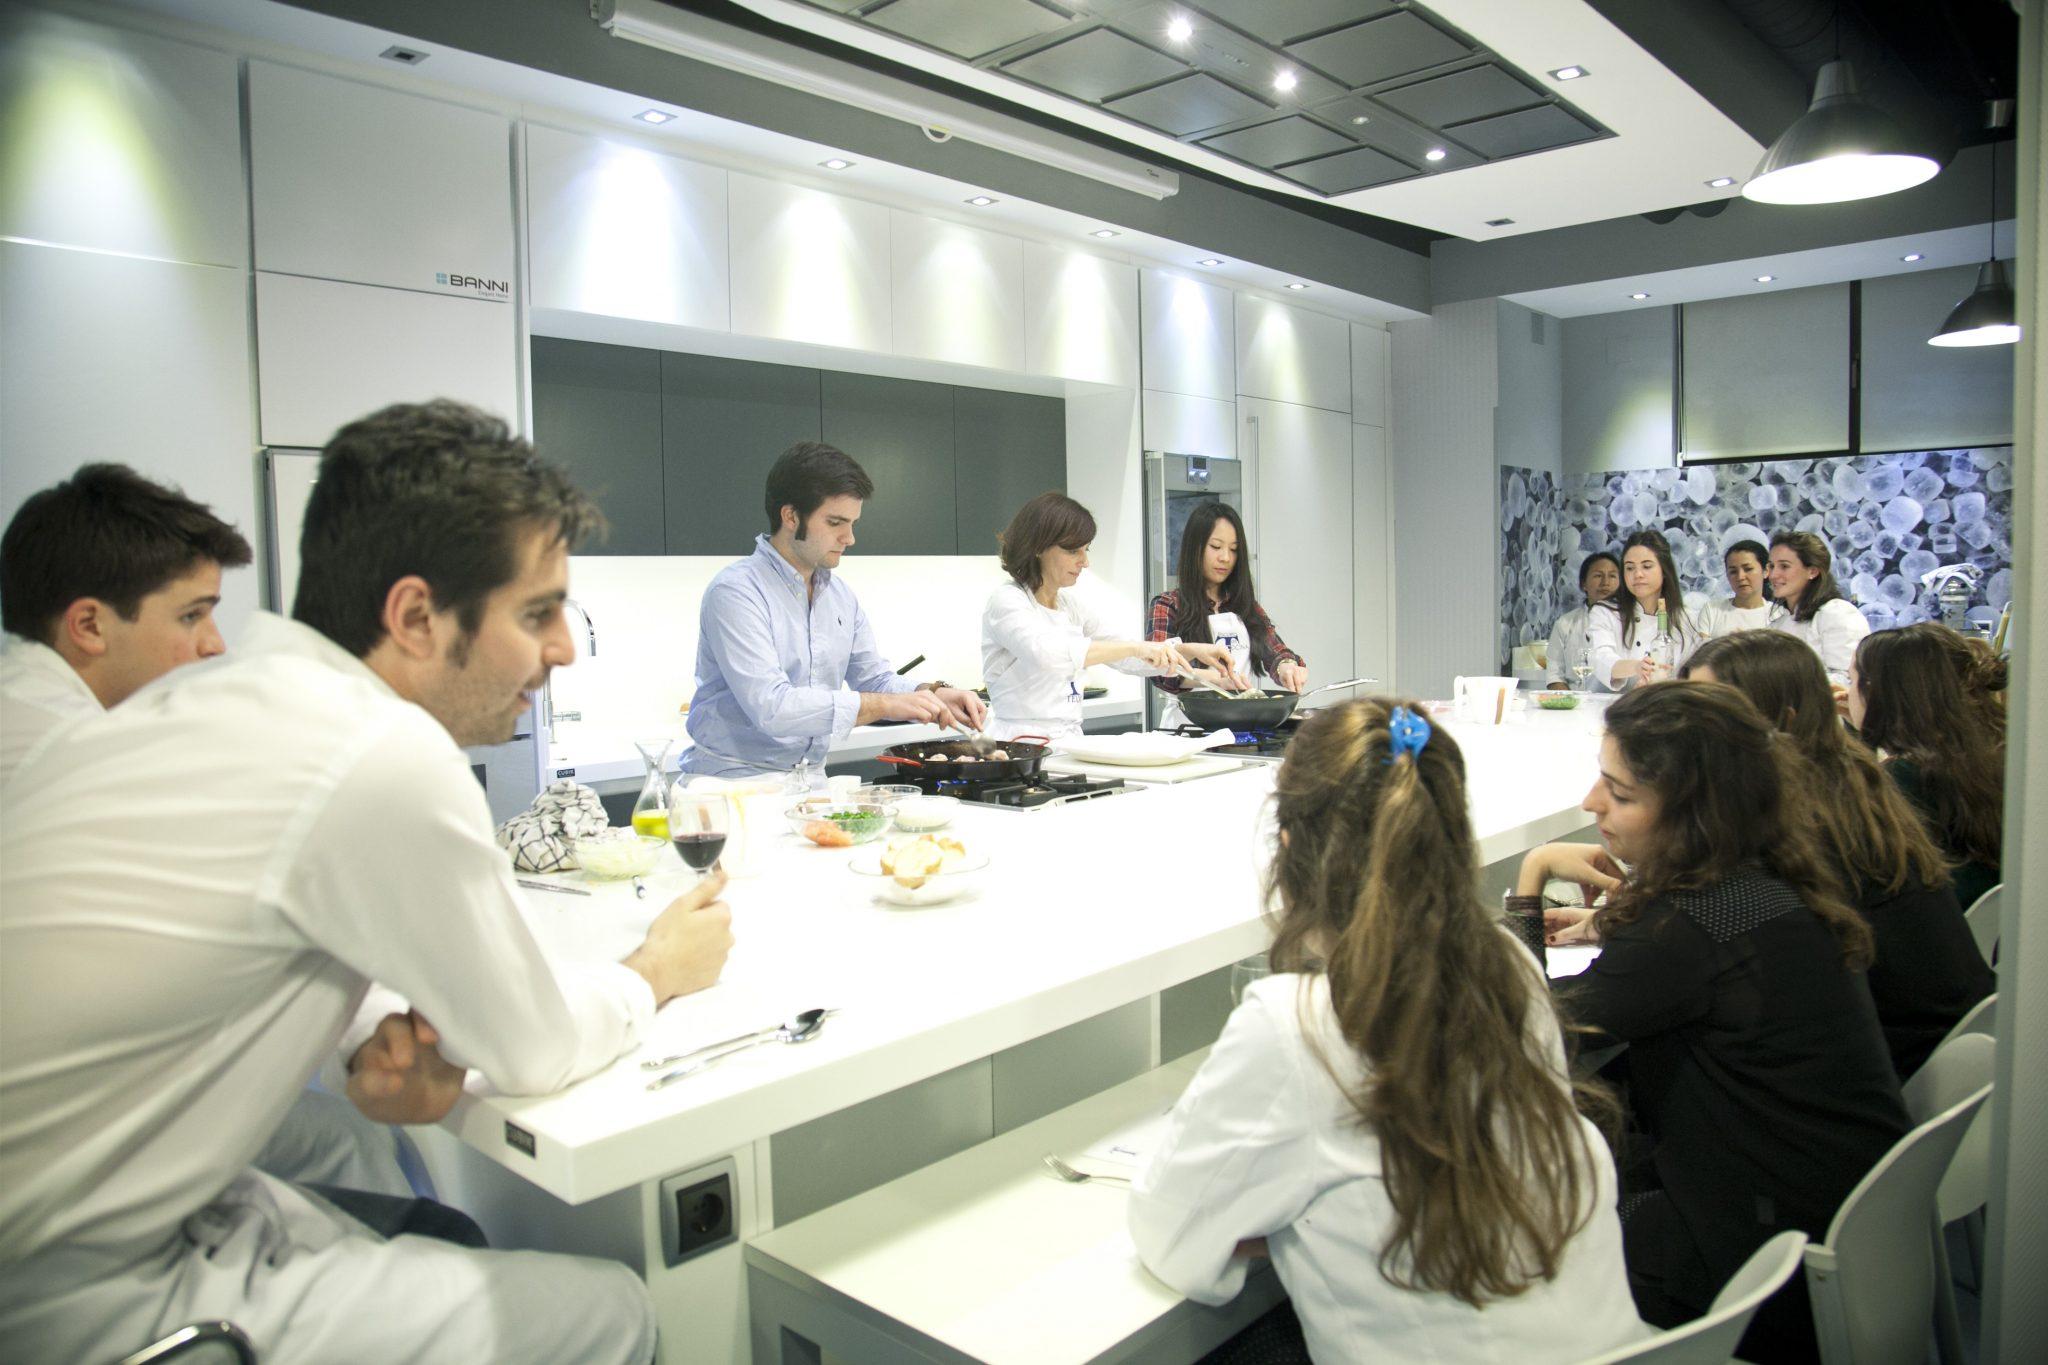 Septiembre y el nuevo curso: ideas y decisiones